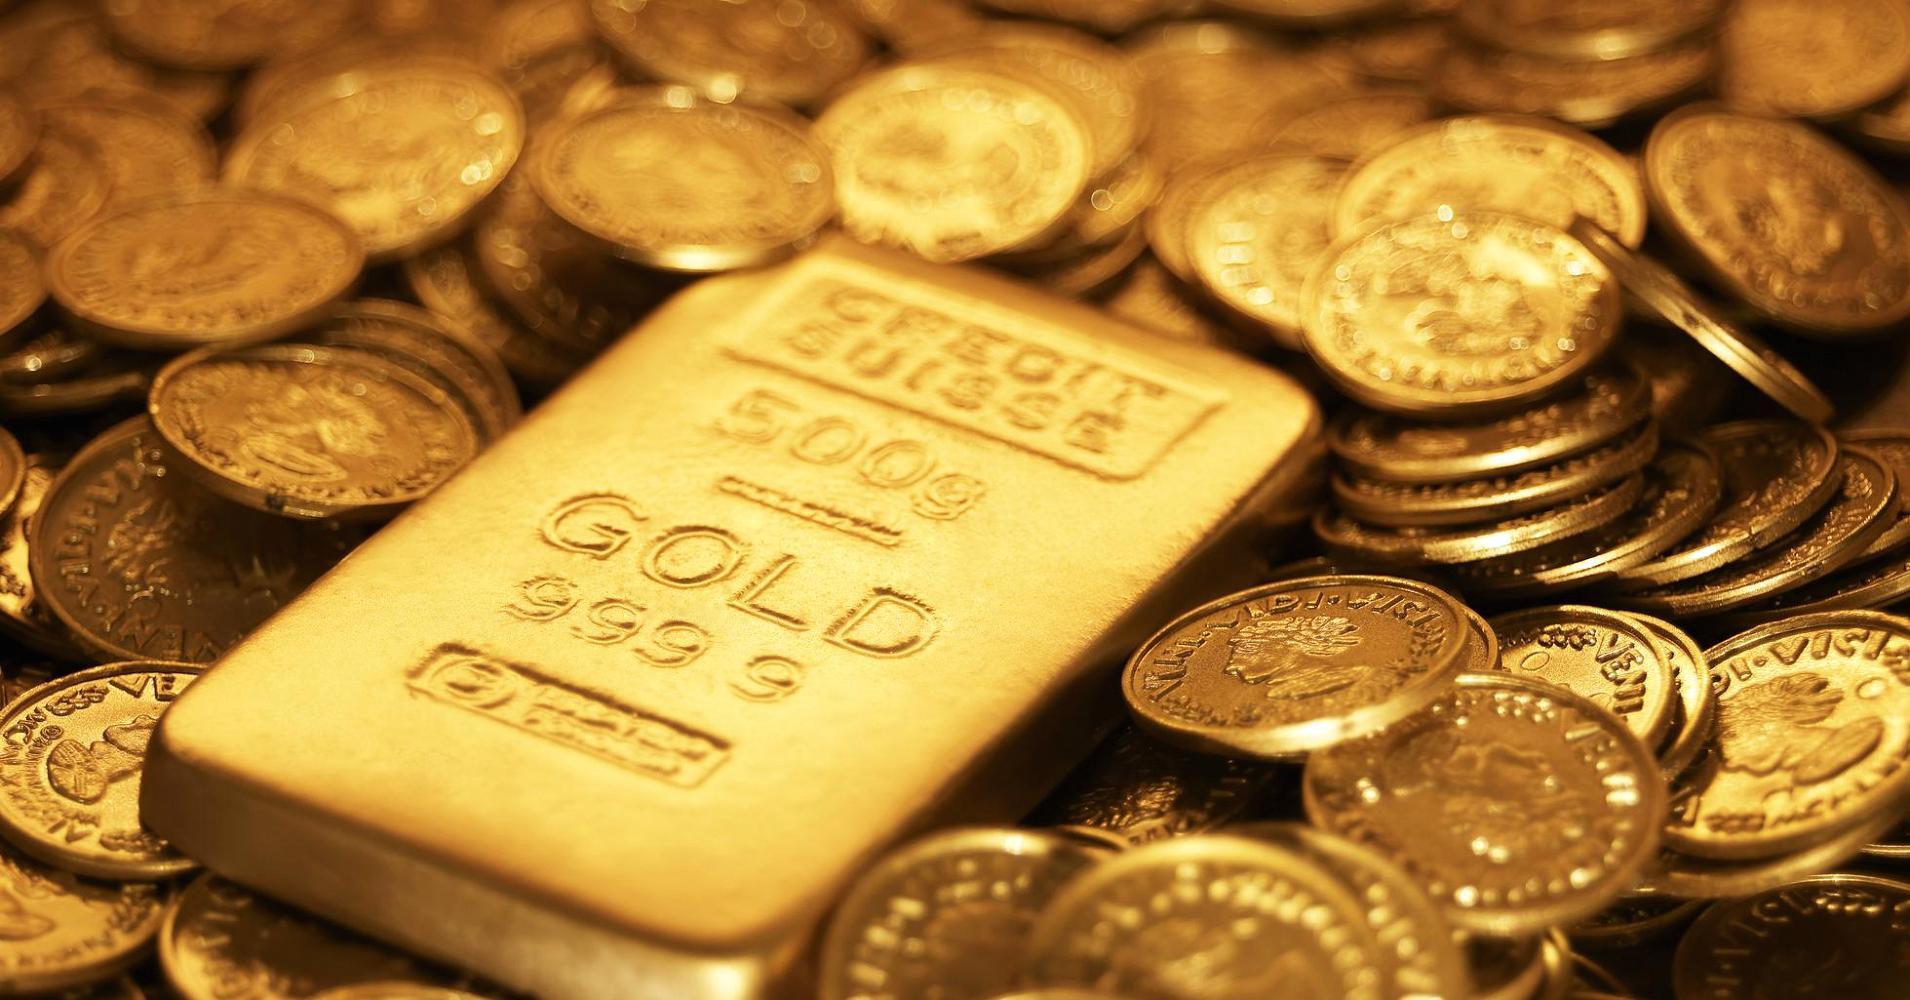 उत्तराखंड ला रहे थे 120 Kg सोना, रास्ते में पकड़े गए, पुलिस और दूसरी एजेंसियों में मचा हड़कंप